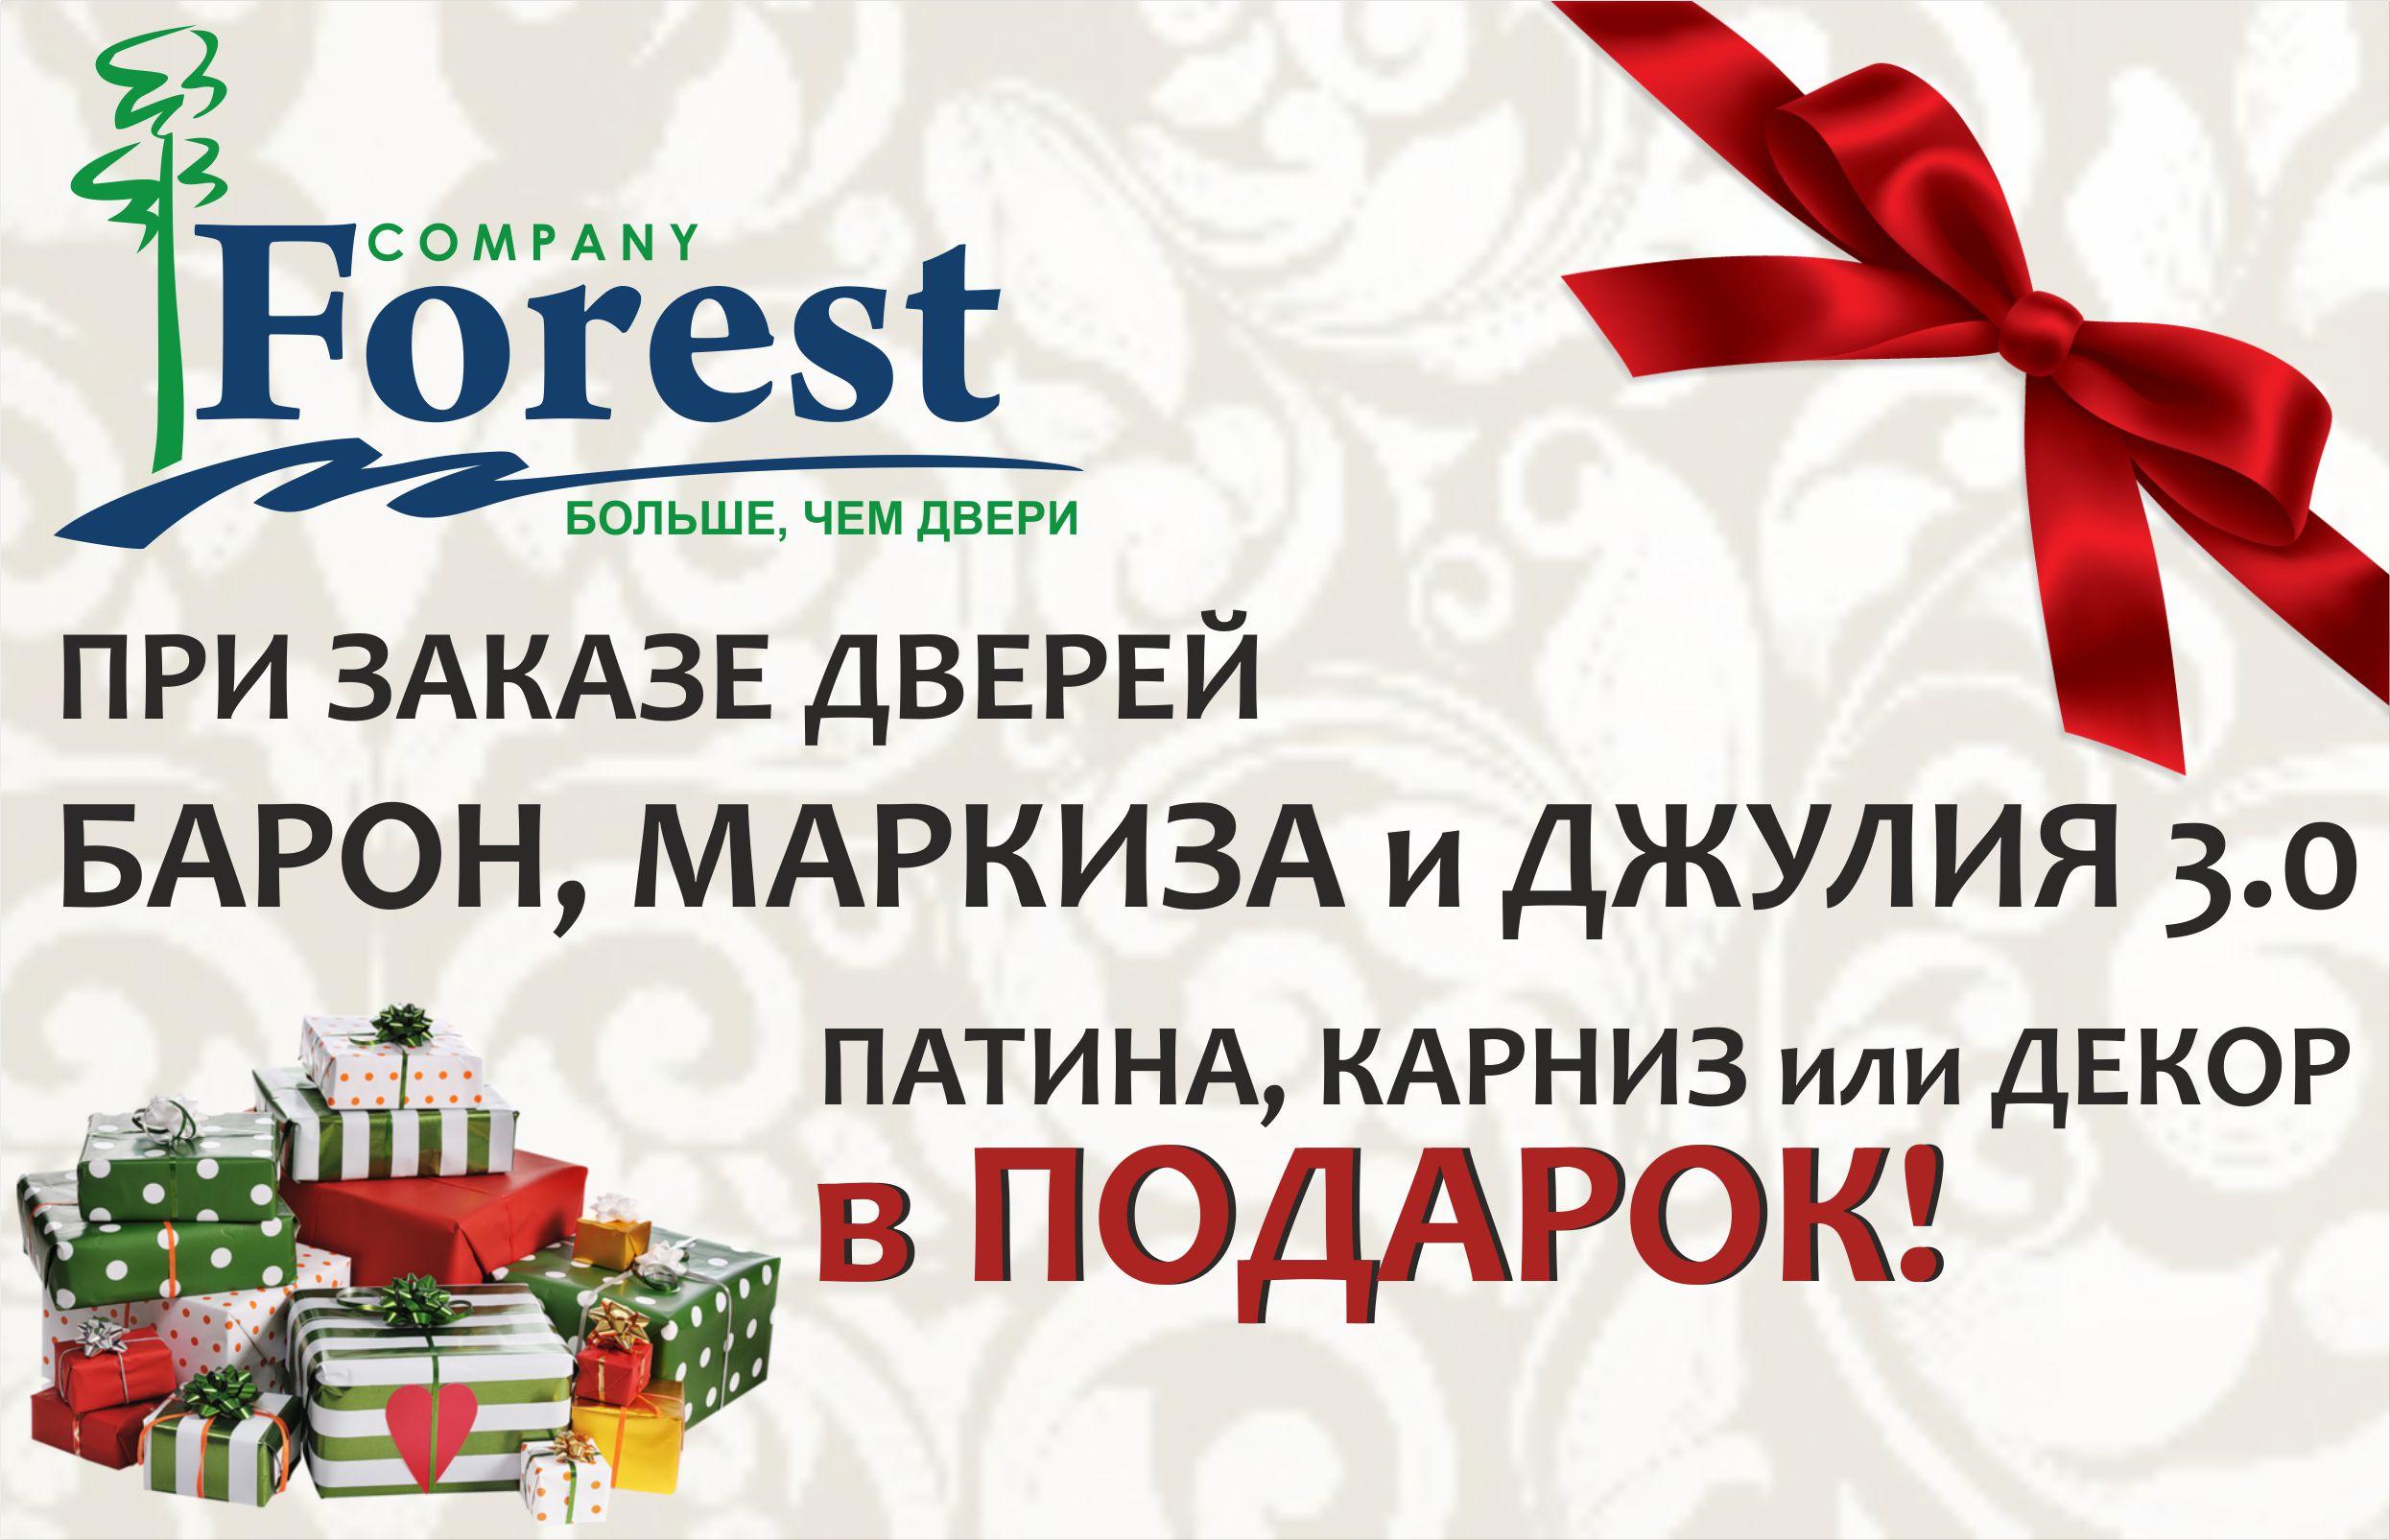 Поздравления с днем рождения Владиславу - Праздники 12